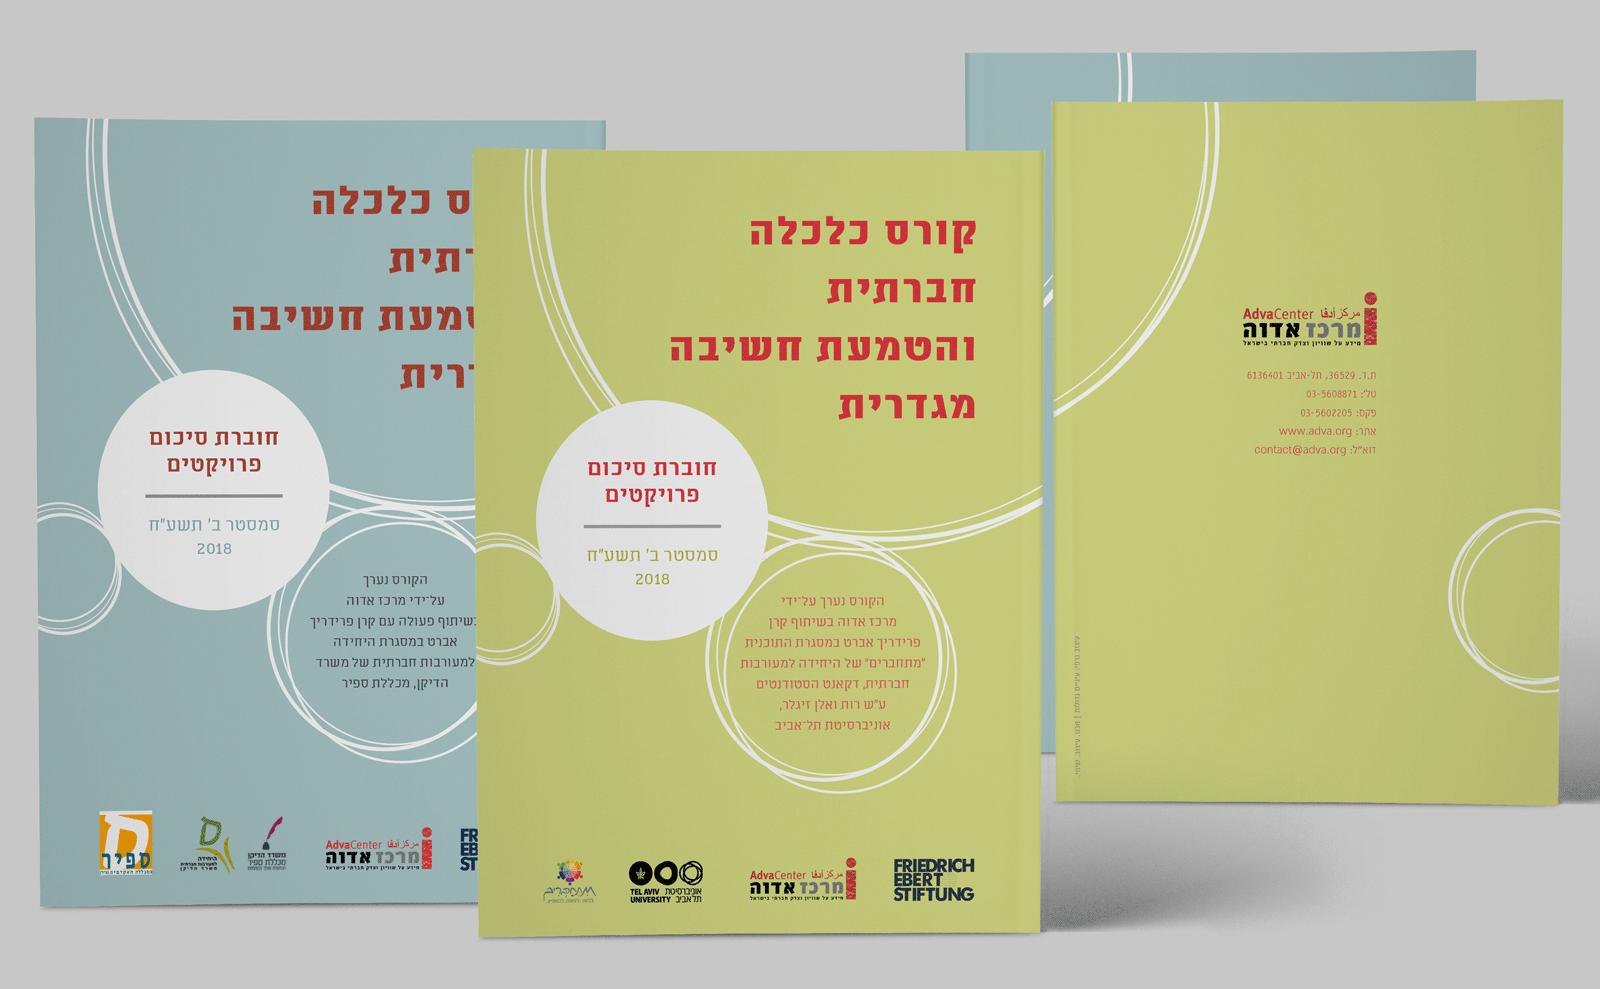 מרכז אדוה - עיצוב חוברת קורס חשיבה מגדרית 2018